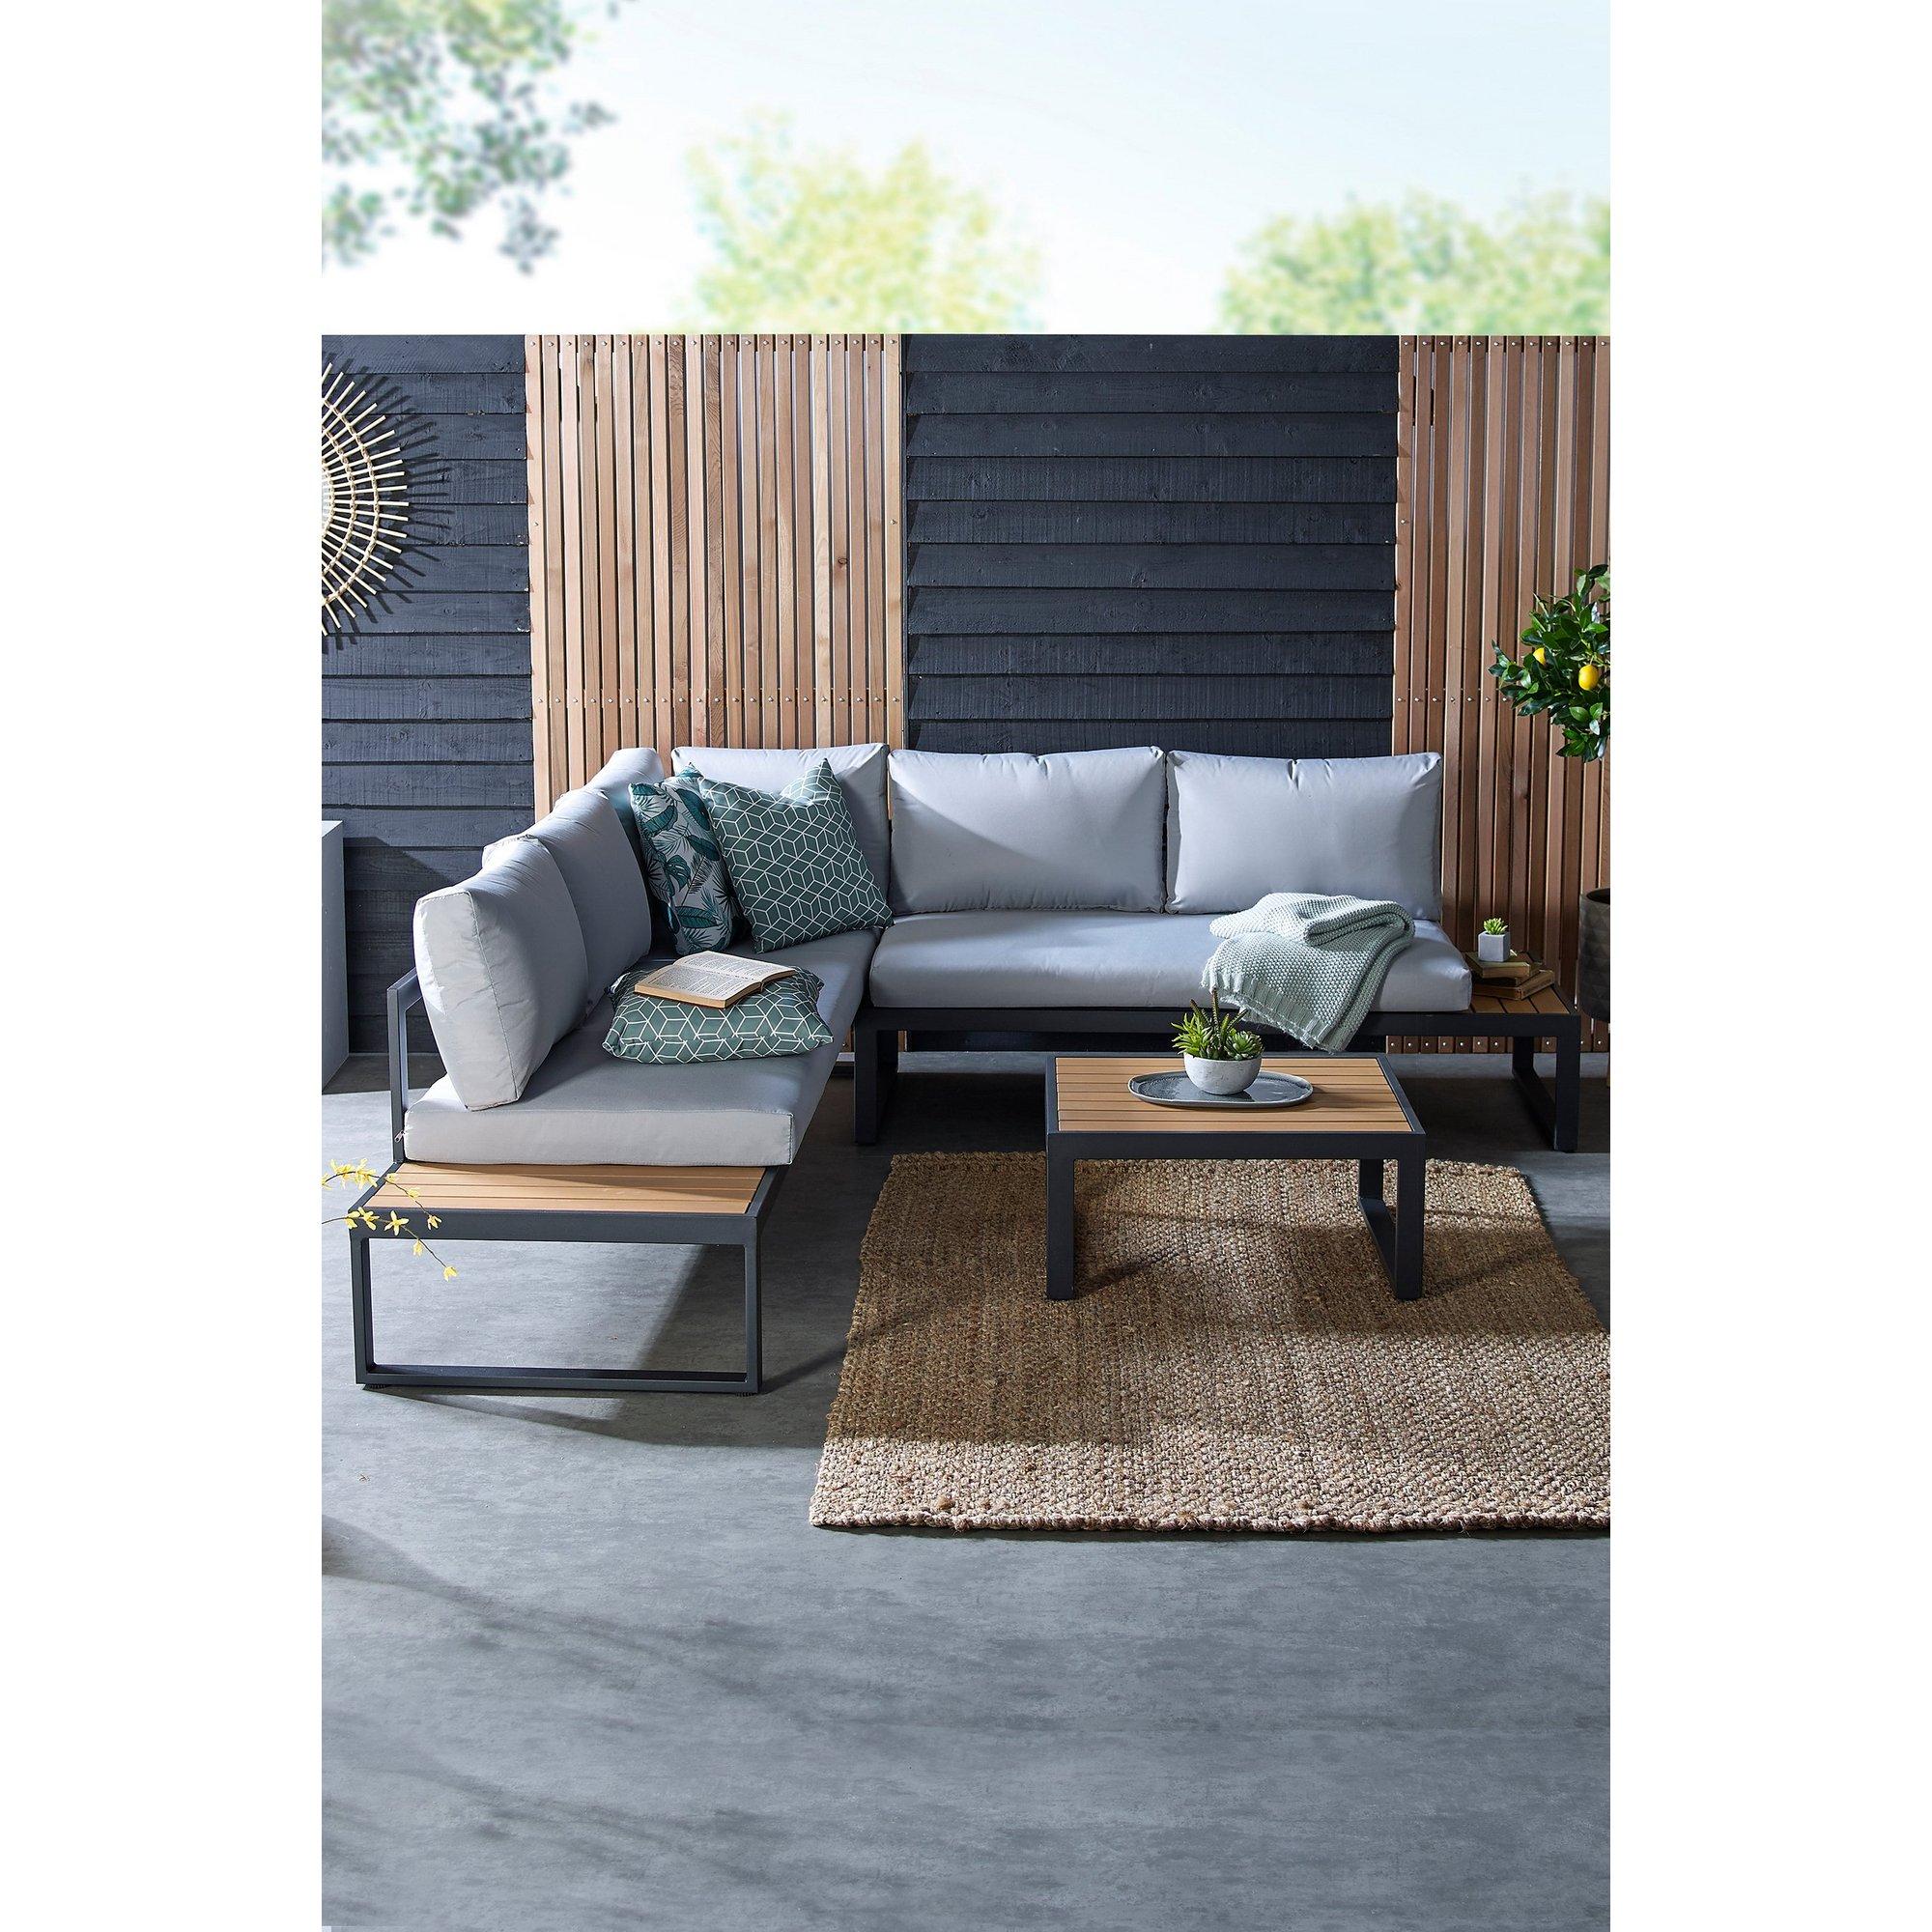 Image of Aruba Corner Sofa Set